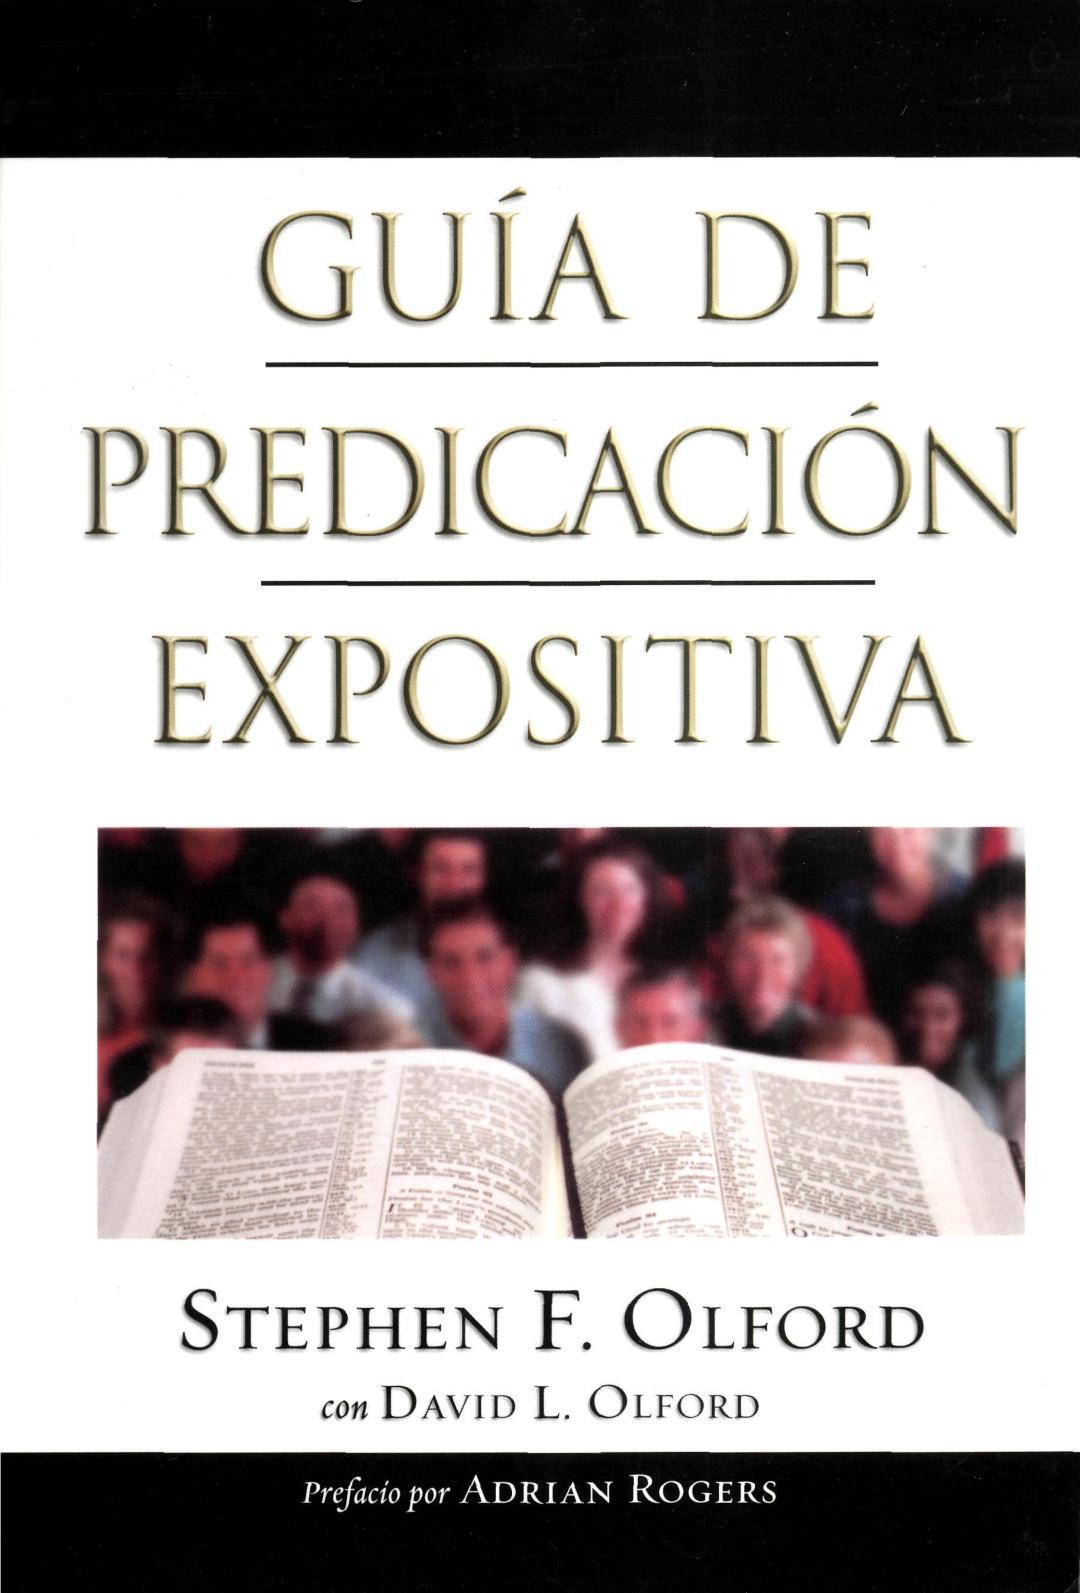 Sermones y reflexiones de la Biblia: Estudios bíblicos para predicar .4